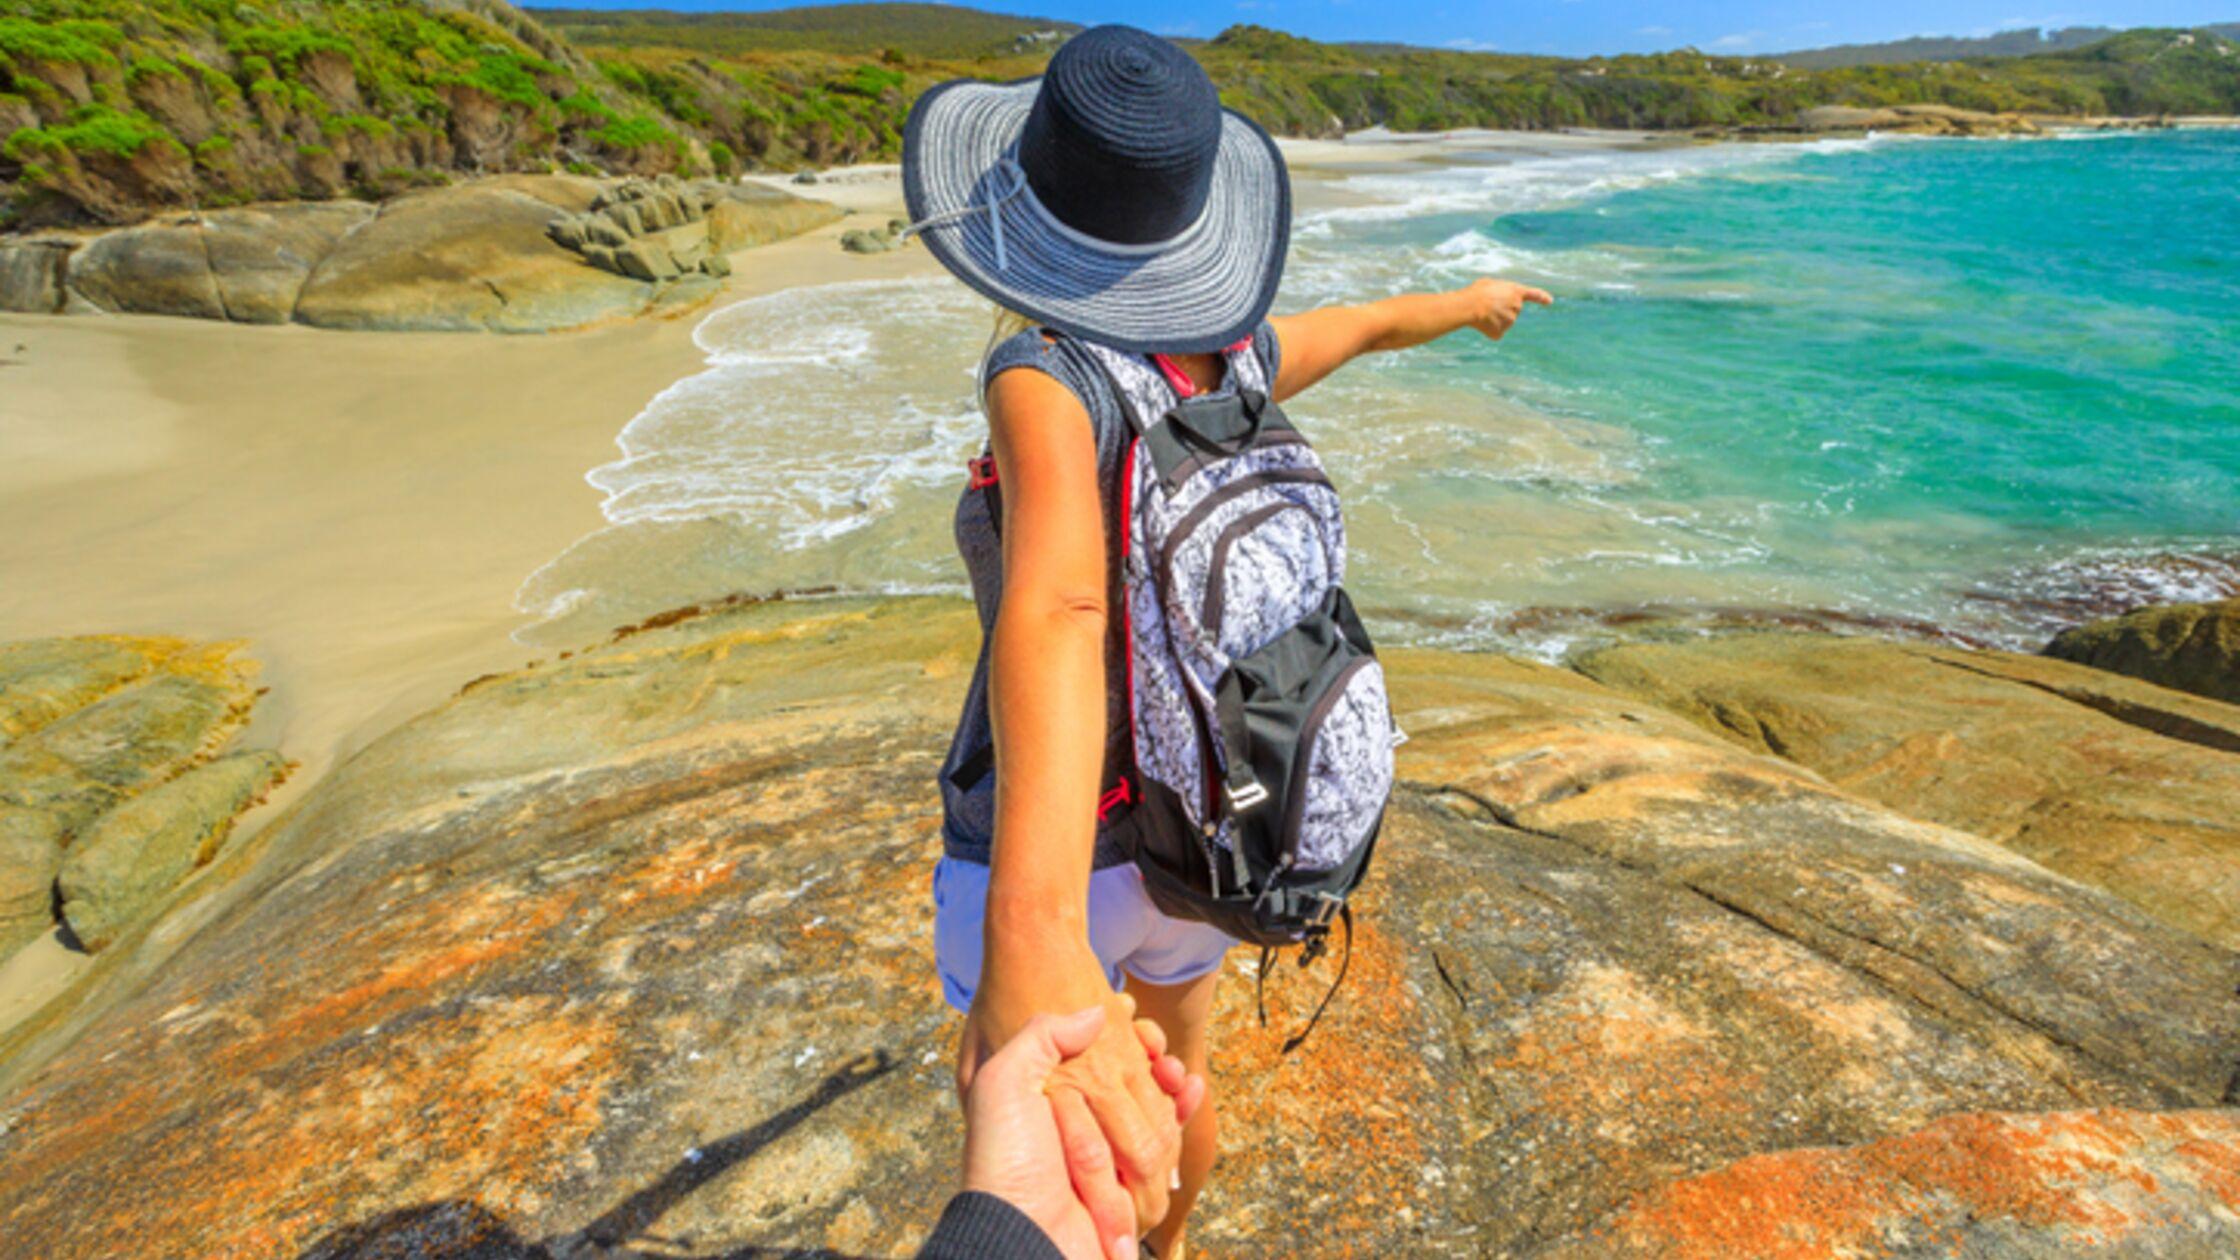 Auswandern nach Australien: Wissenswertes zum Umzug nach Down Under